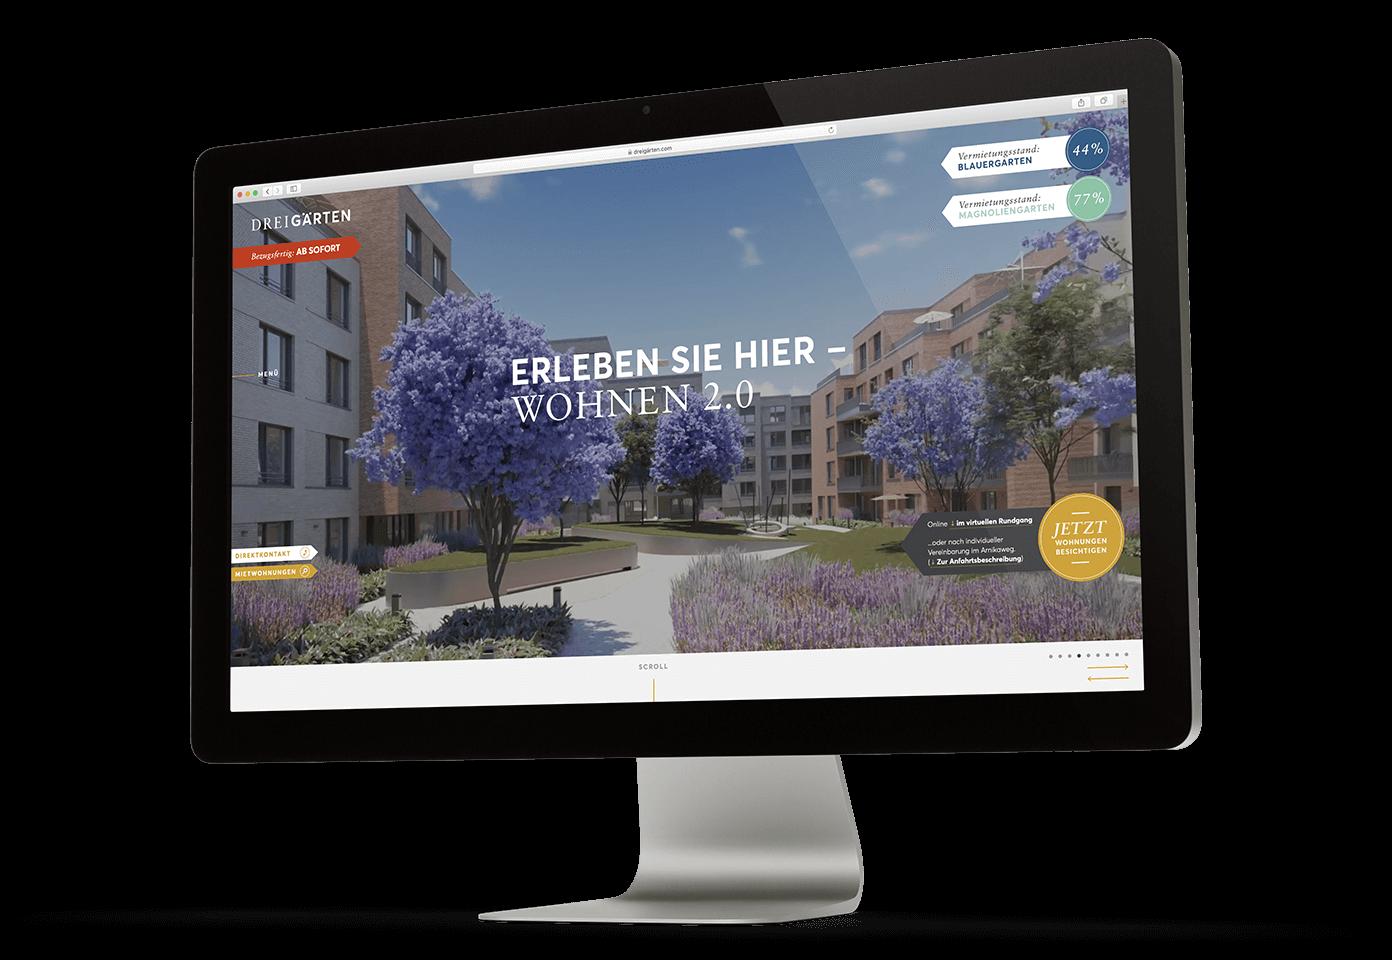 Mockup eines Desktops mit der geöffneten Drei Gärten Website